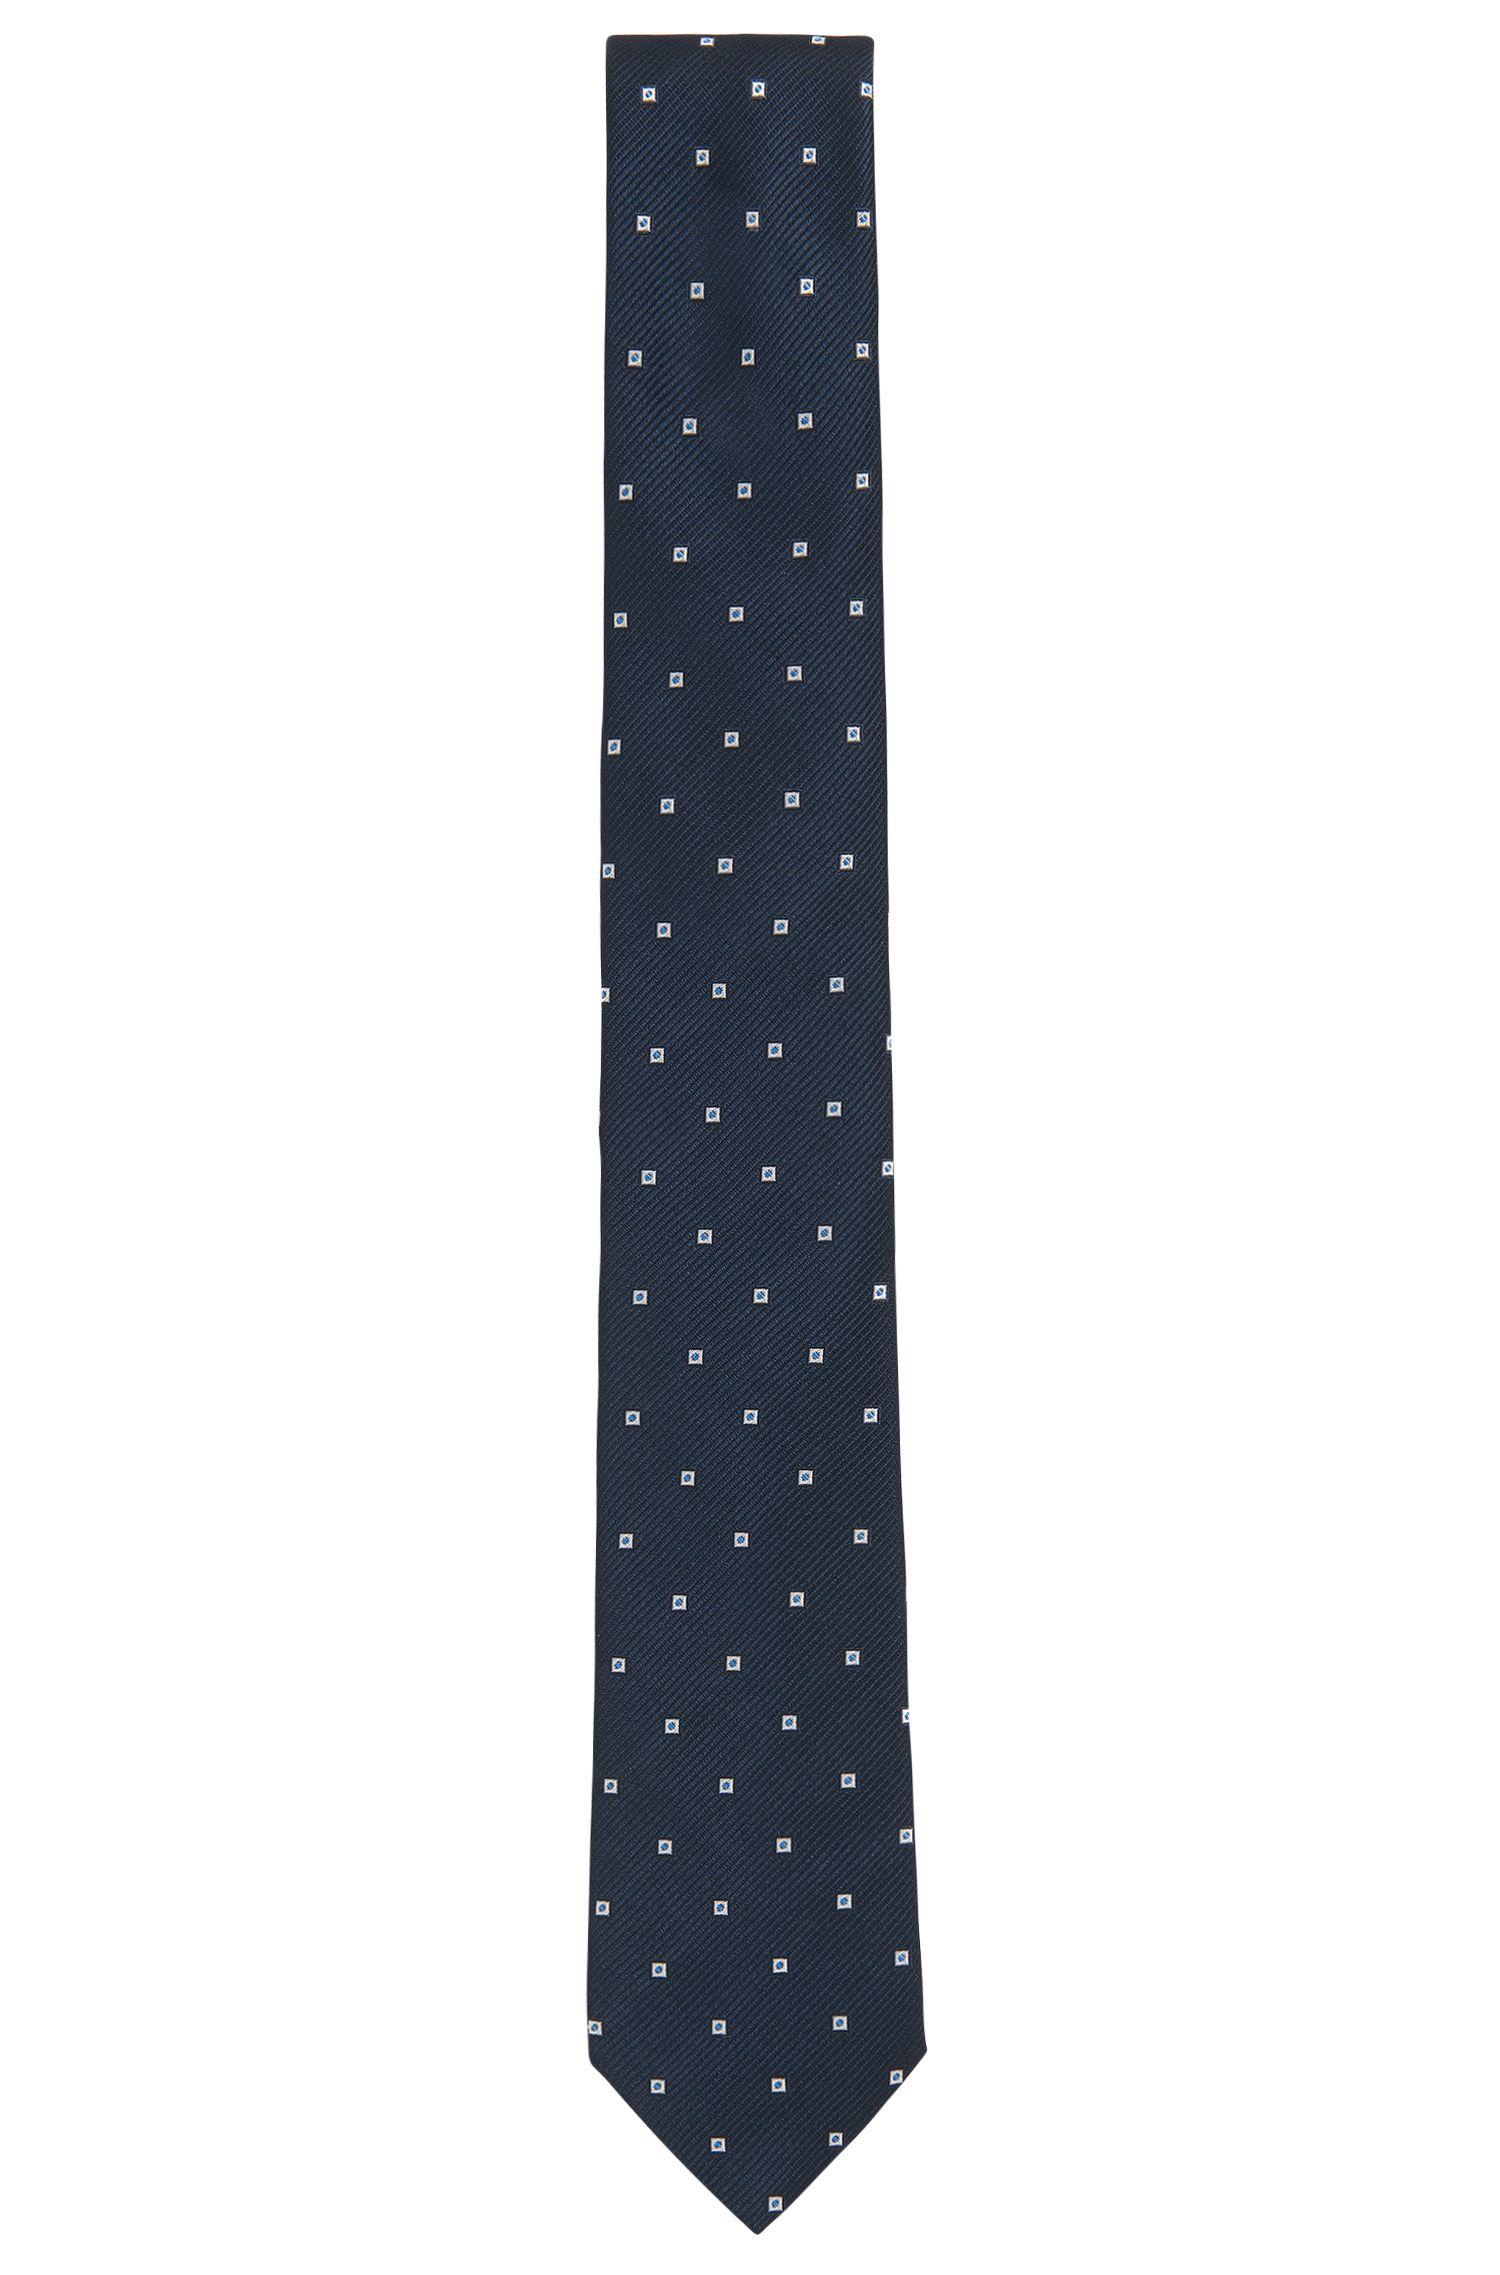 Cravatta a disegni in jacquard di seta tinto in filo